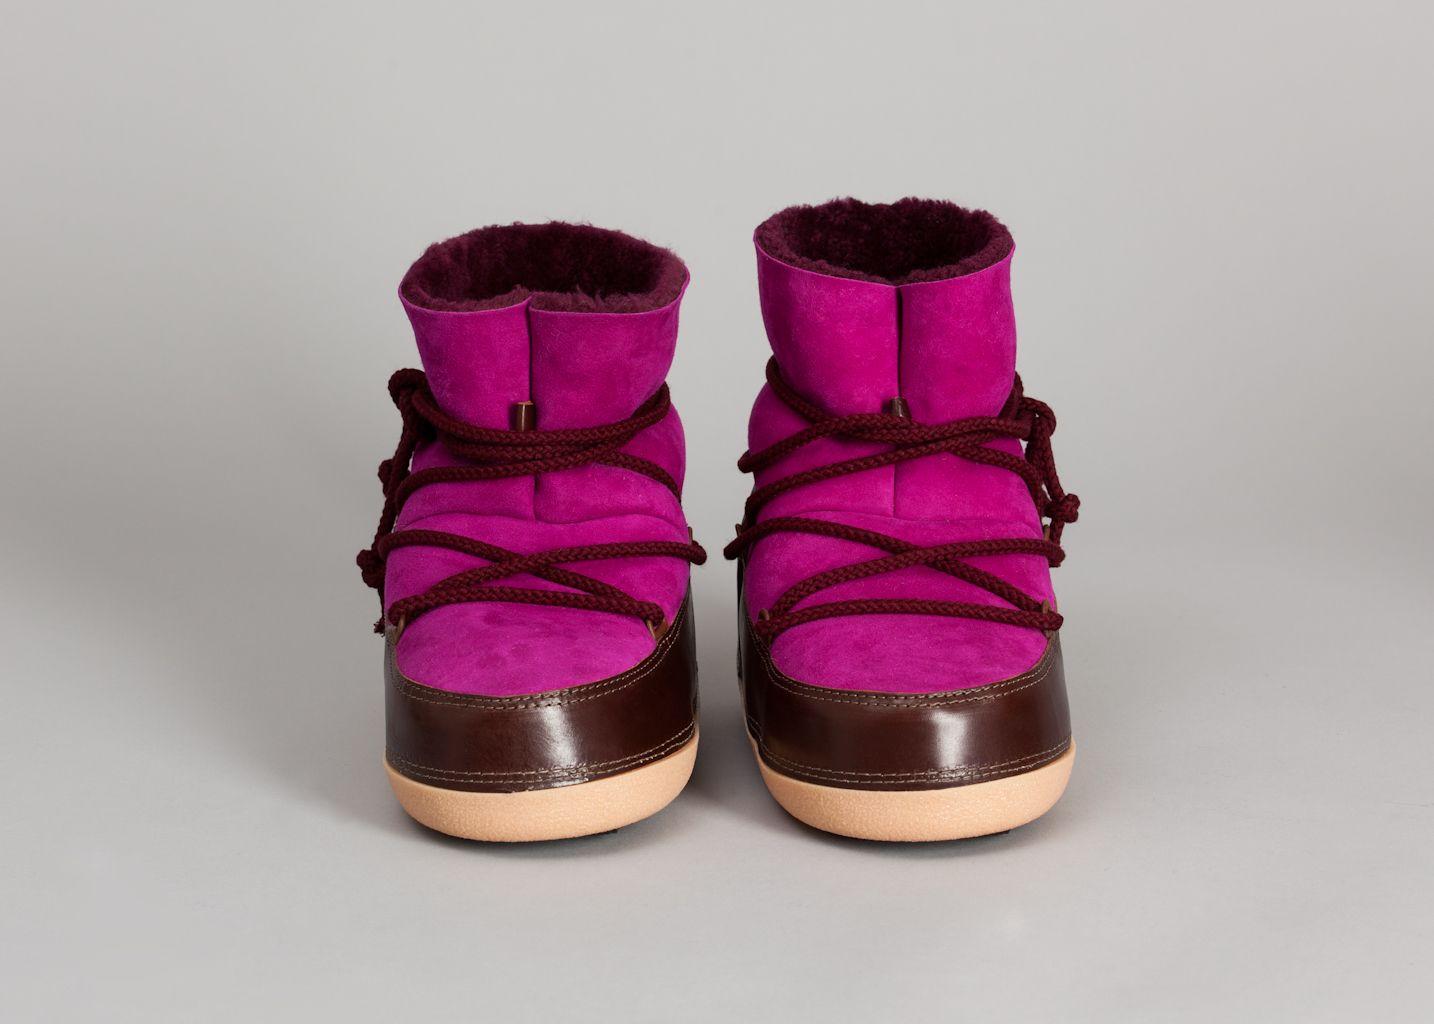 Kiss Boots - Les Prairies de Paris